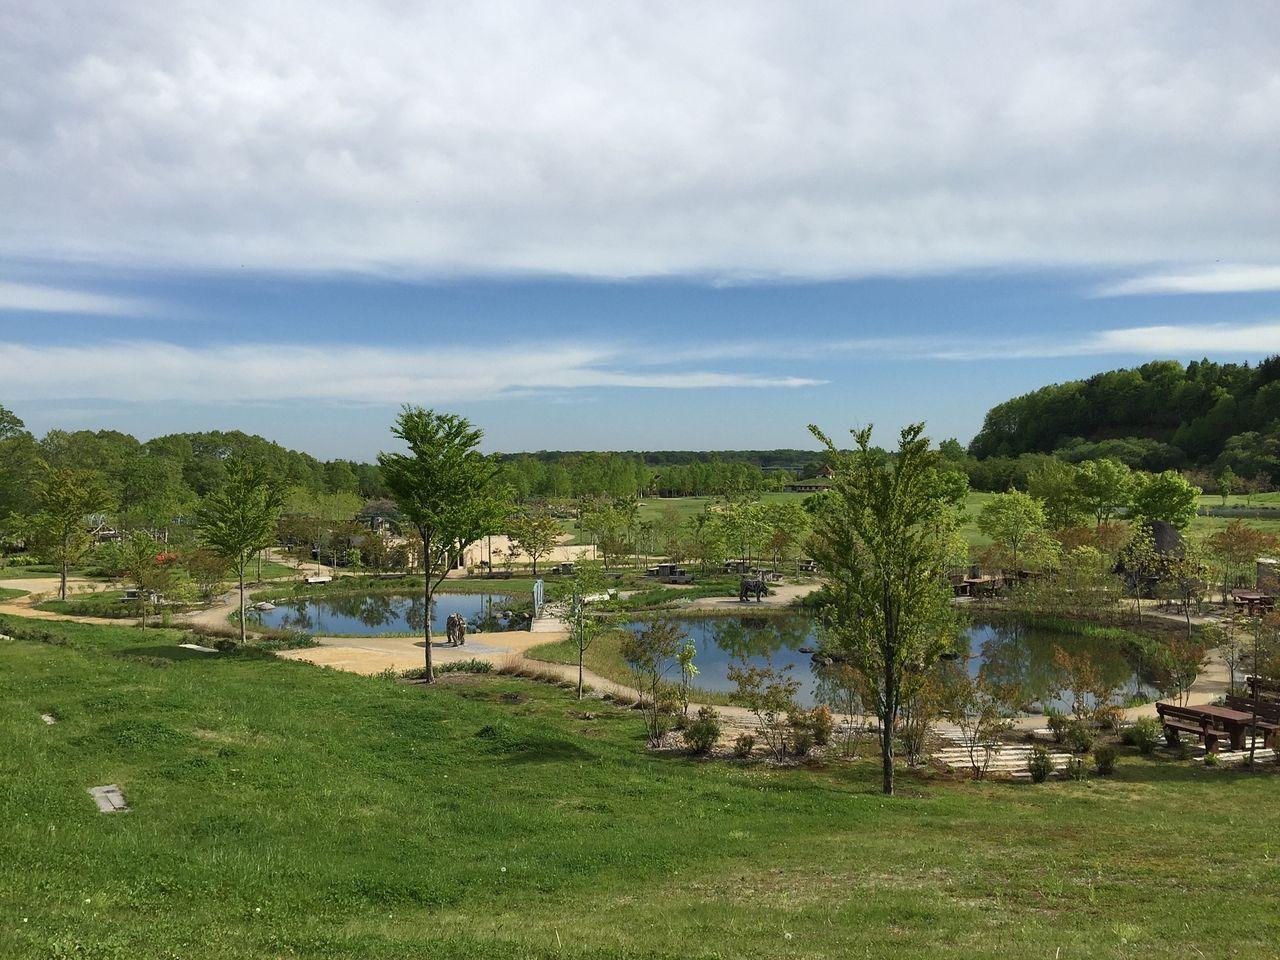 水と緑、そして美しい花々が作るイングリッシュガーデンが楽しめるえこりん村の風景です。